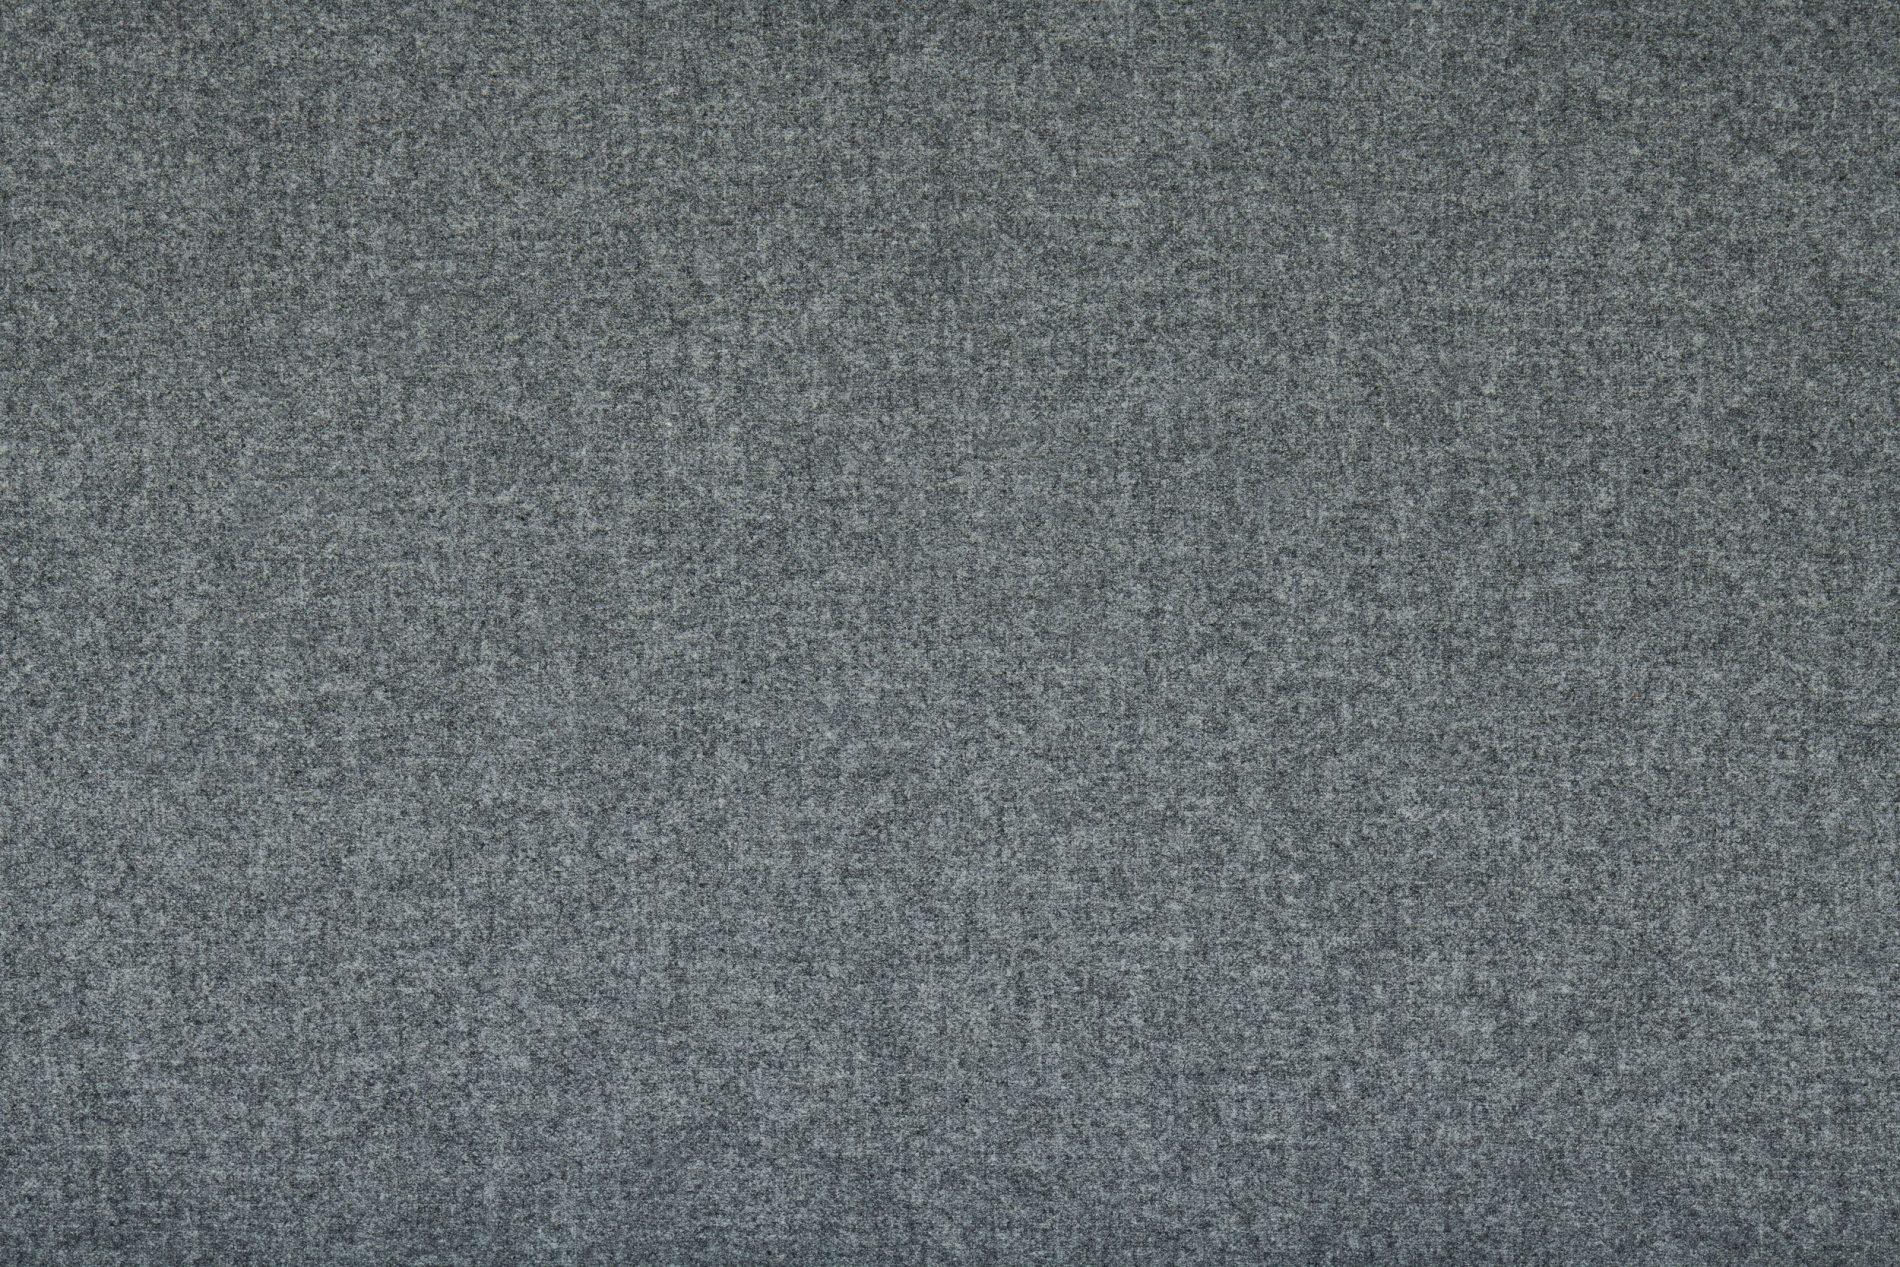 PURE 540 Plain Merino wool (16/8001)